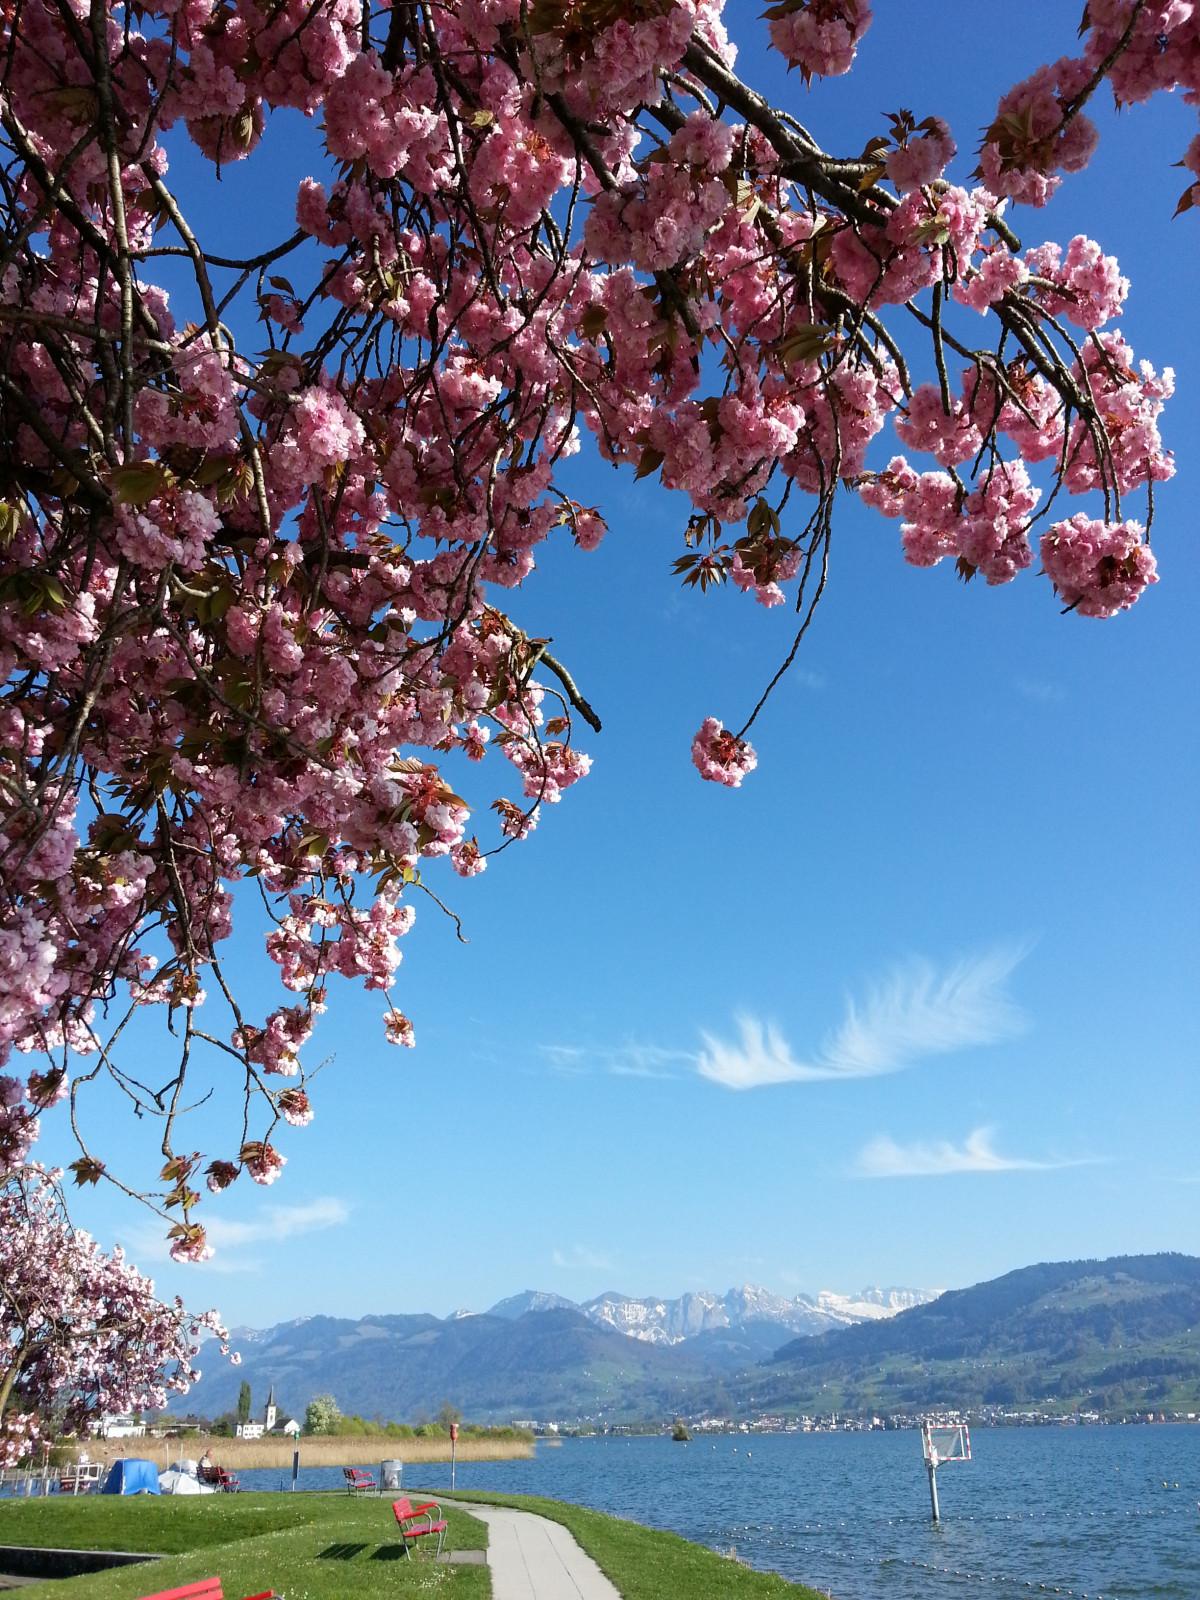 Images Gratuites : arbre, plante, ciel, Lac, été, marche, printemps, produire, parc, bleu, fleur ...